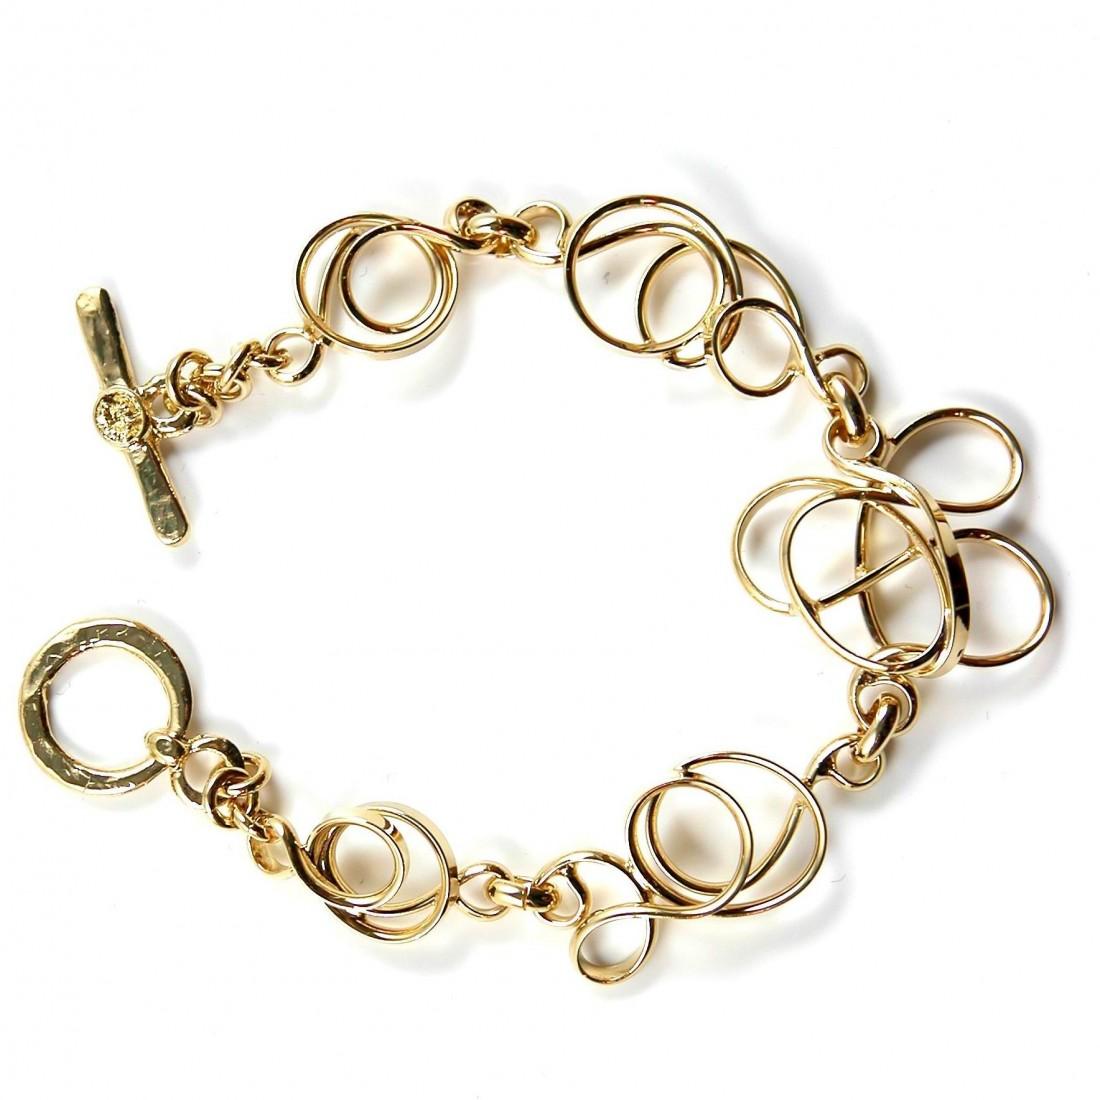 Bracelet fantaisie doré. Bijou fabriqué par Atelier PIK